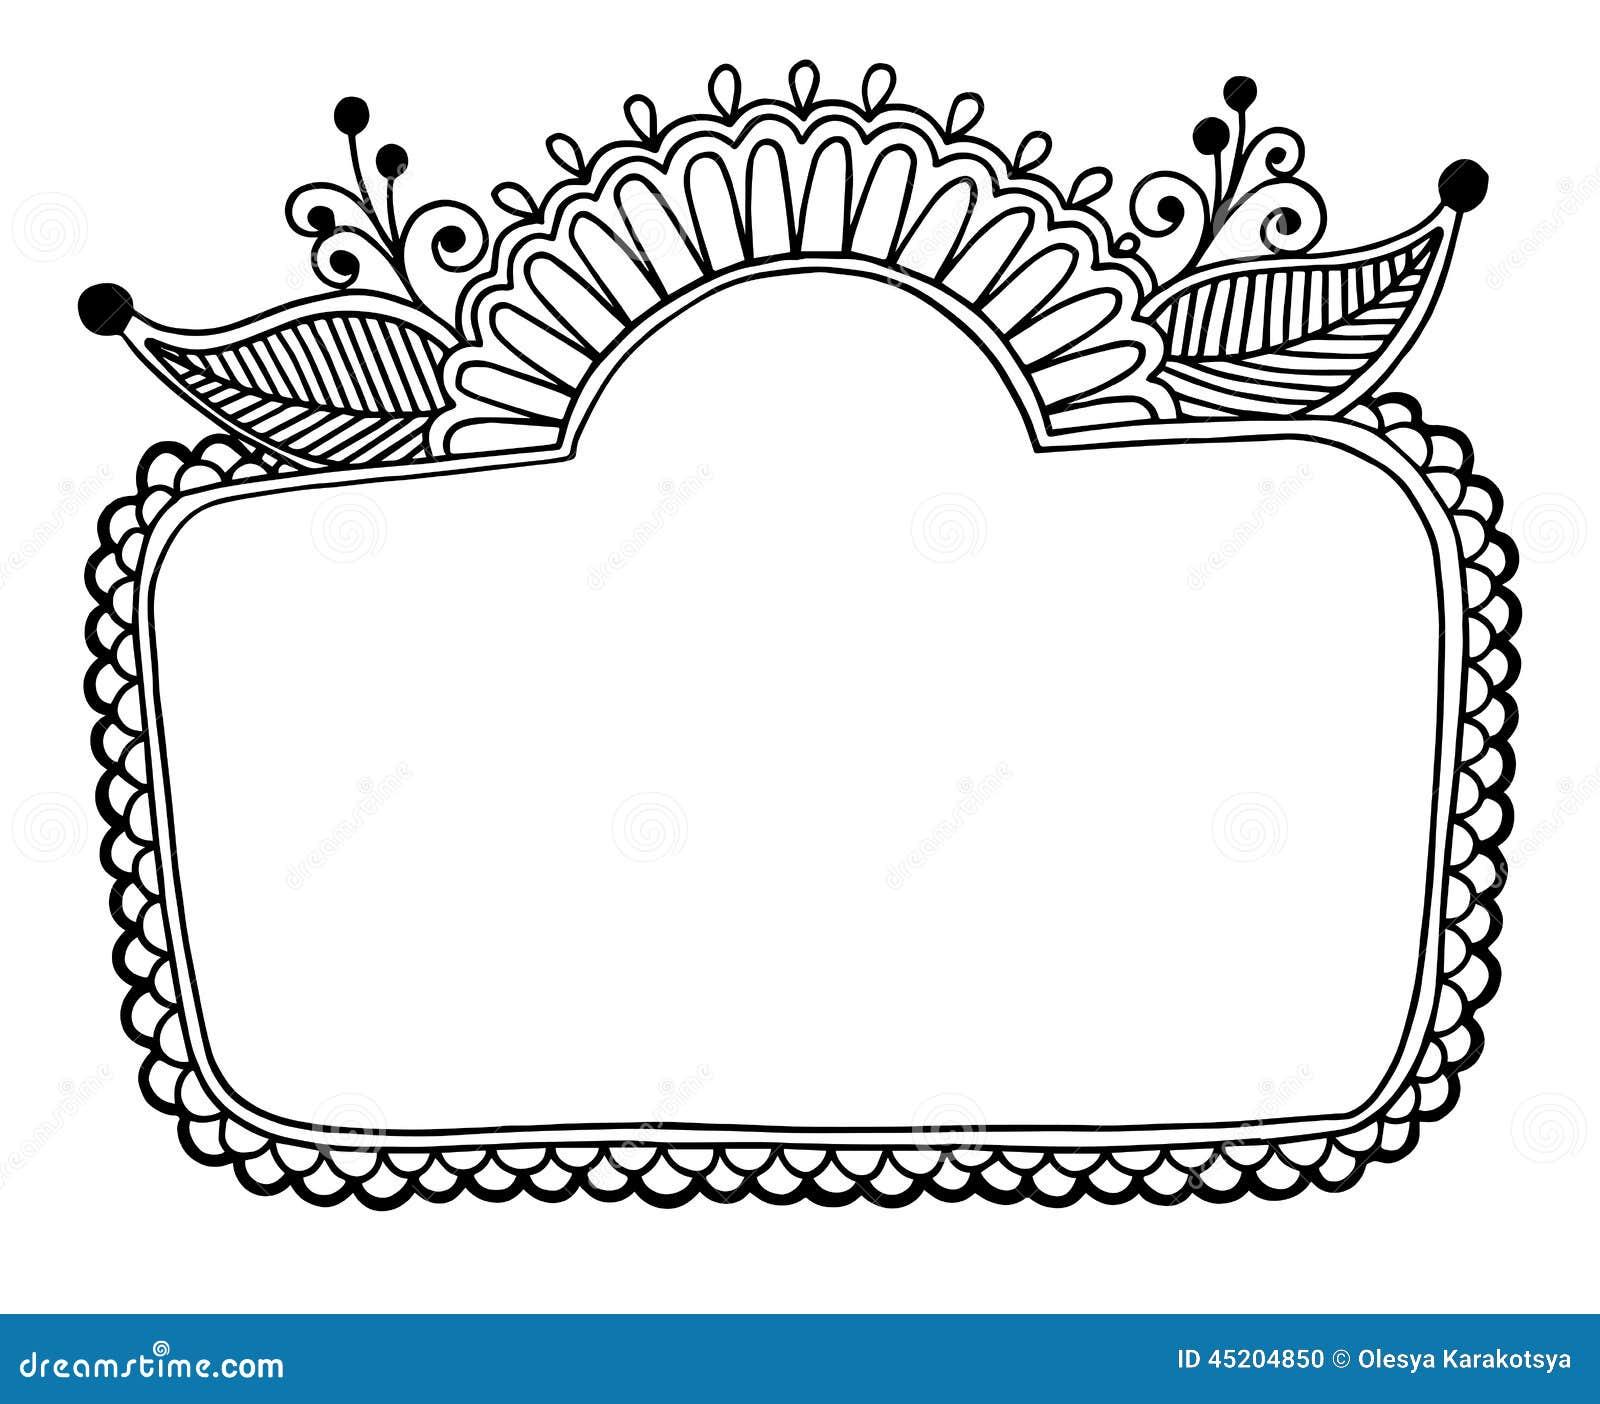 Flower Frame Line Drawing : Black line art ornate flower design frame stock vector